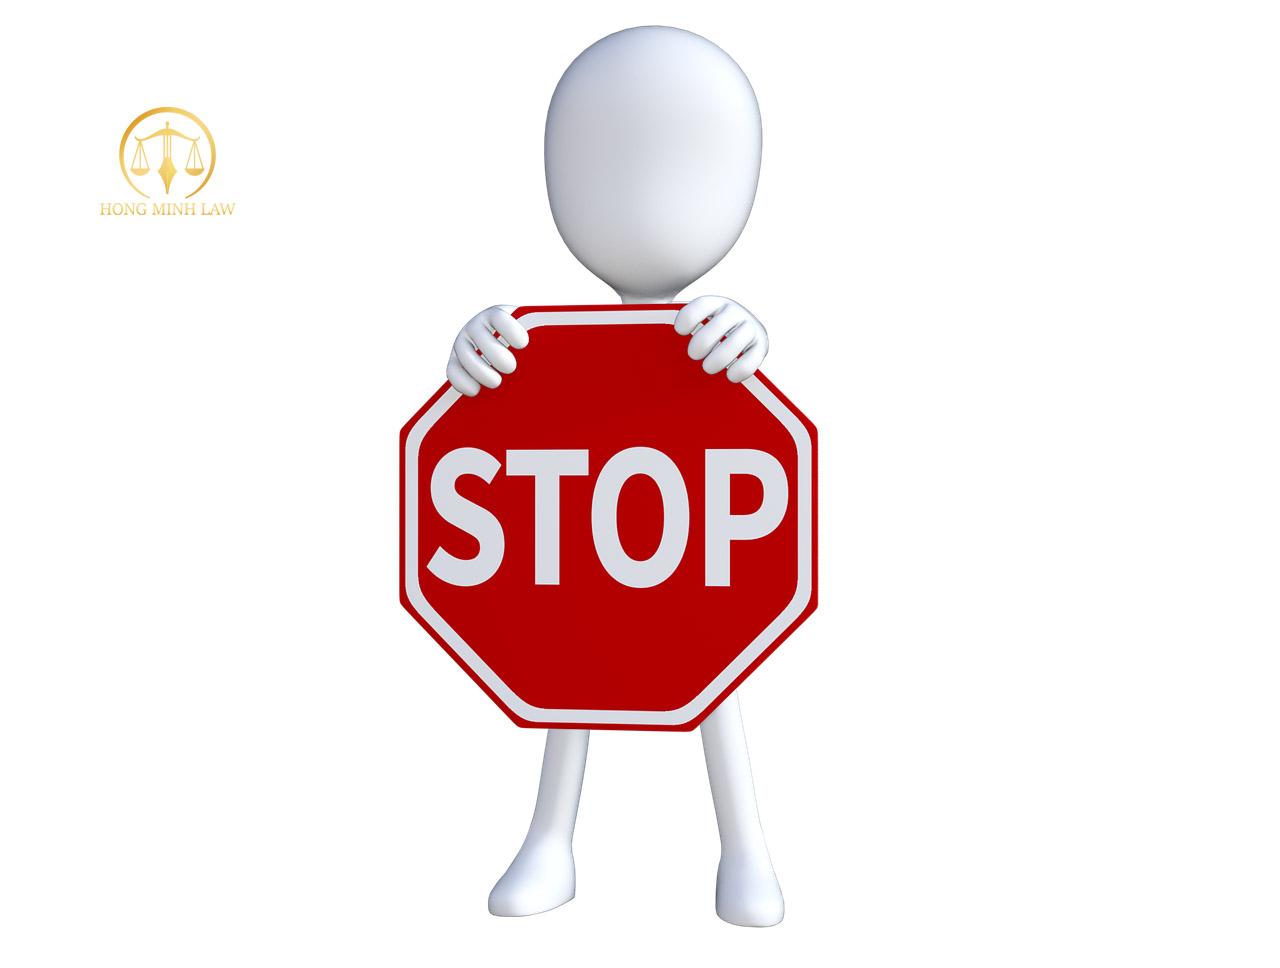 Thủ tục tạm ngừng hoạt động của hộ kinh doanh